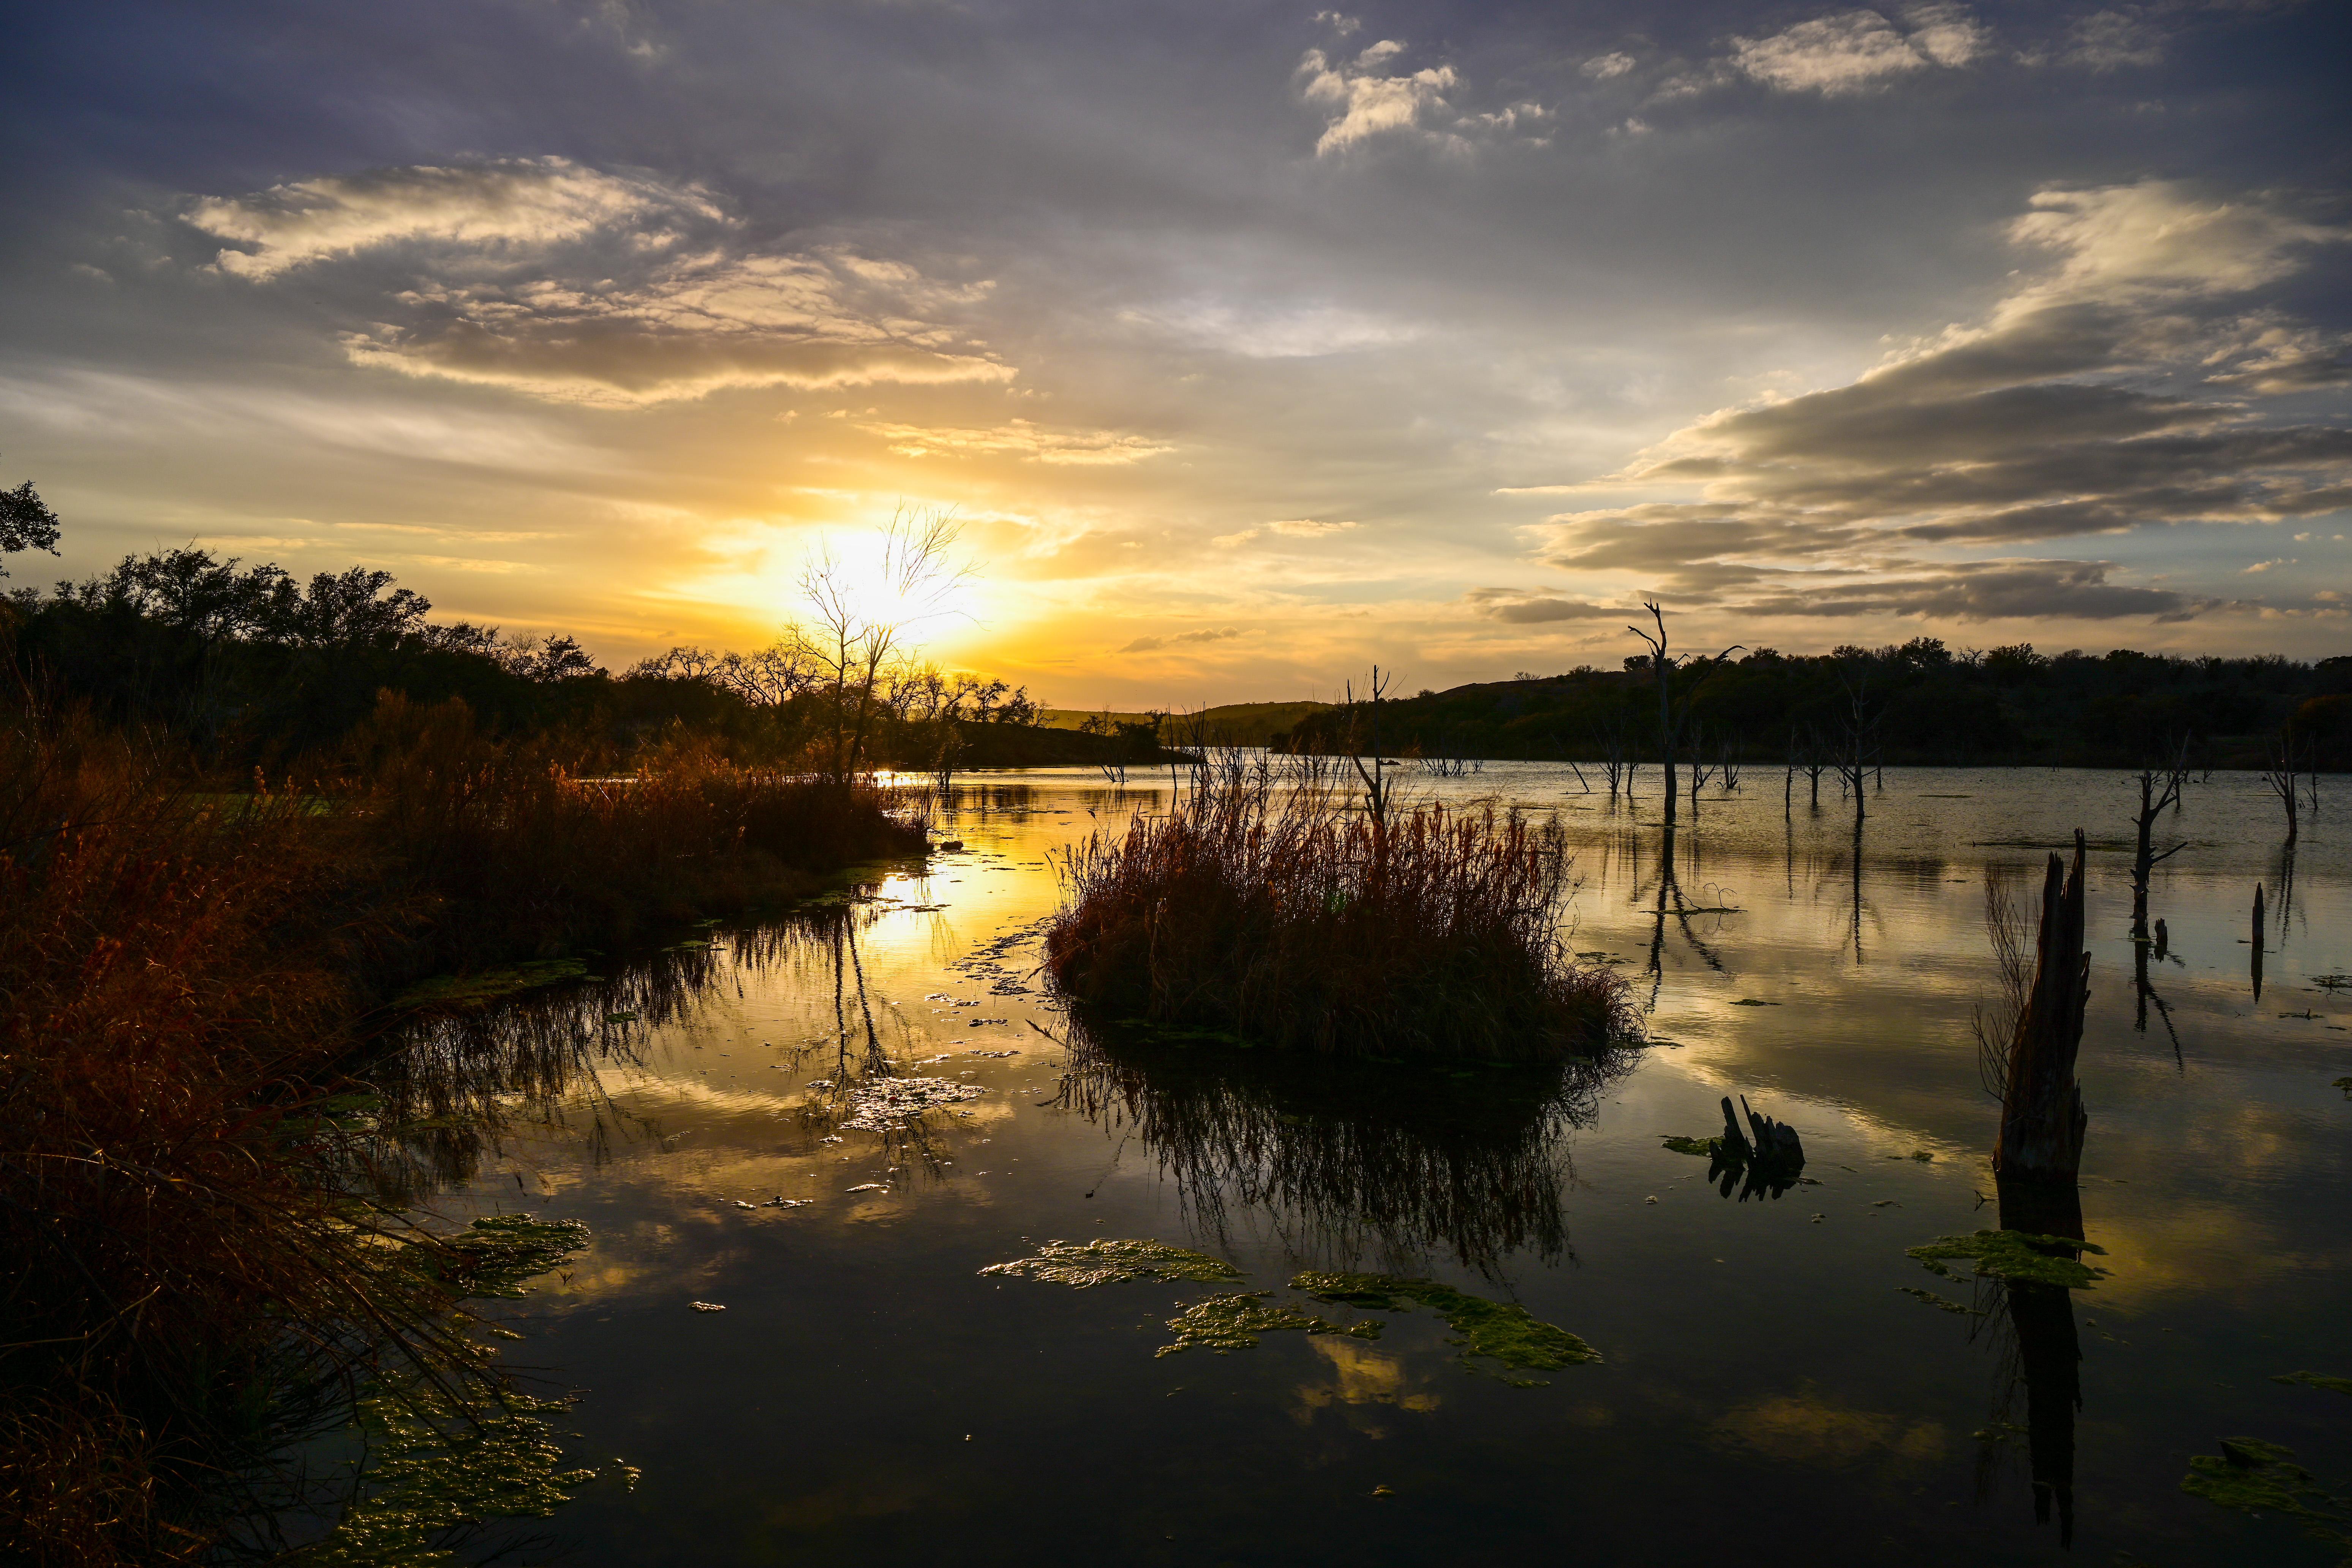 73375 Hintergrundbild herunterladen Natur, Sunset, Grass, See - Bildschirmschoner und Bilder kostenlos